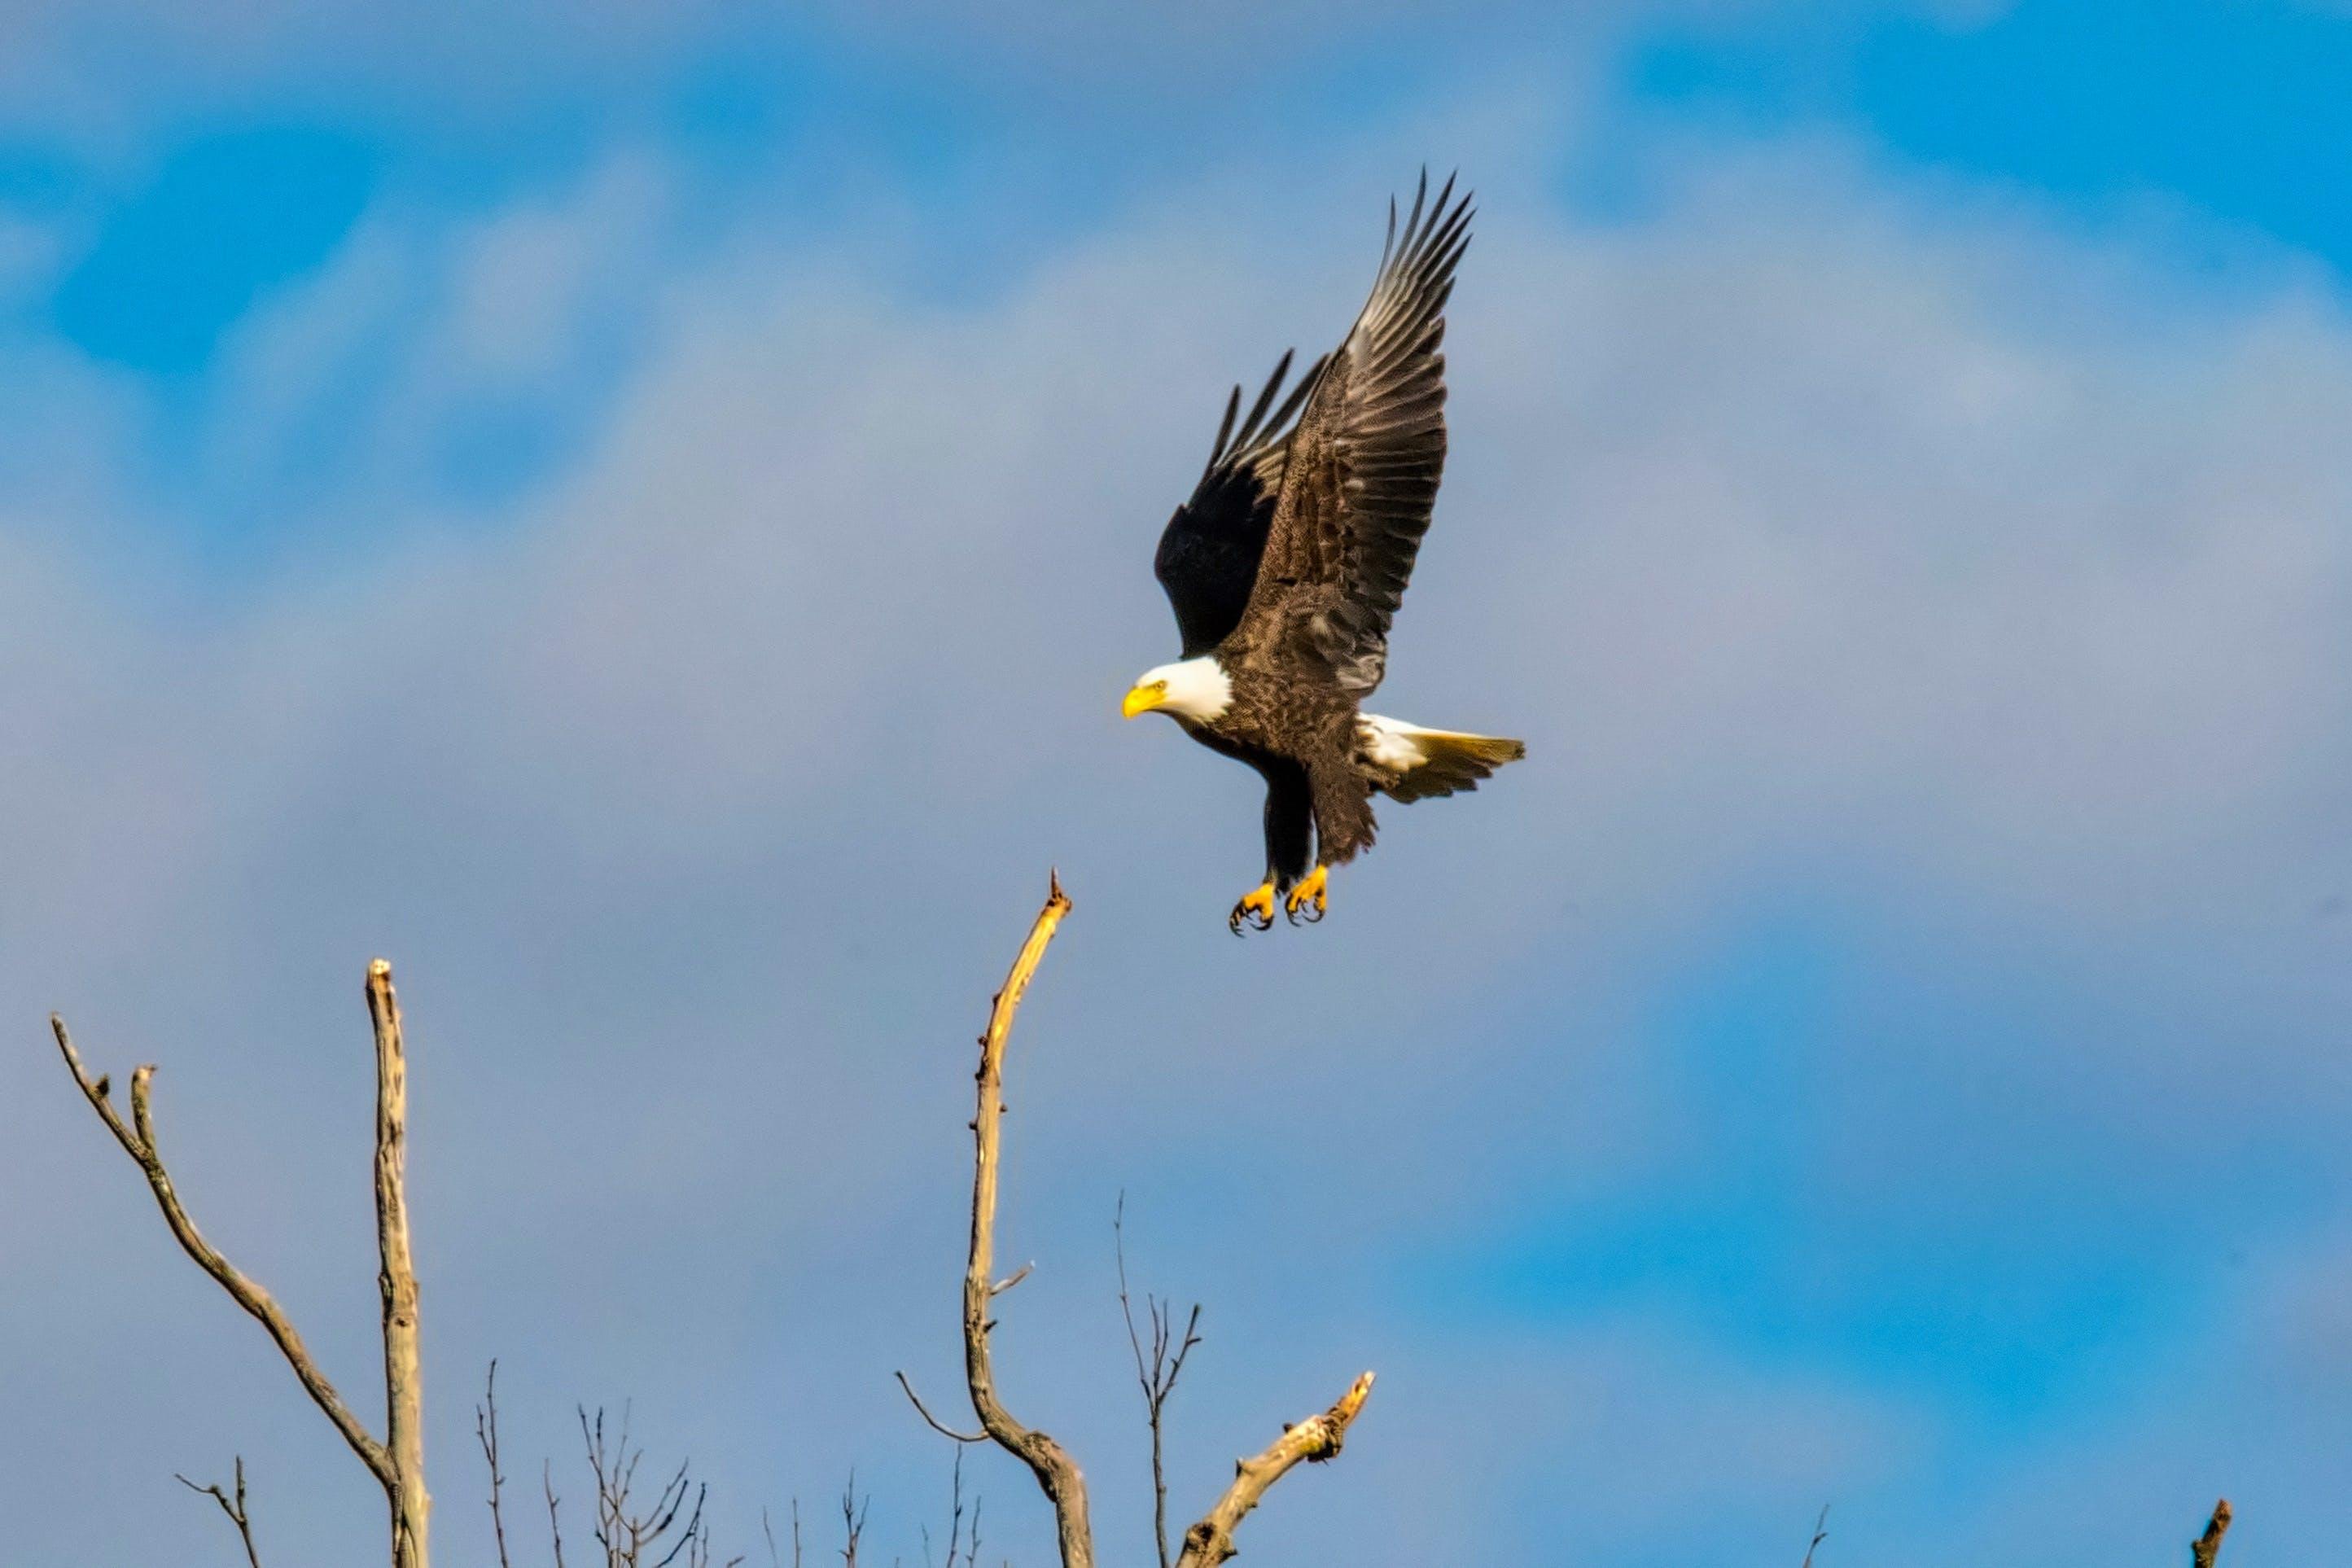 Gratis stockfoto met adelaar, beest, blauwe lucht, dieren in het wild